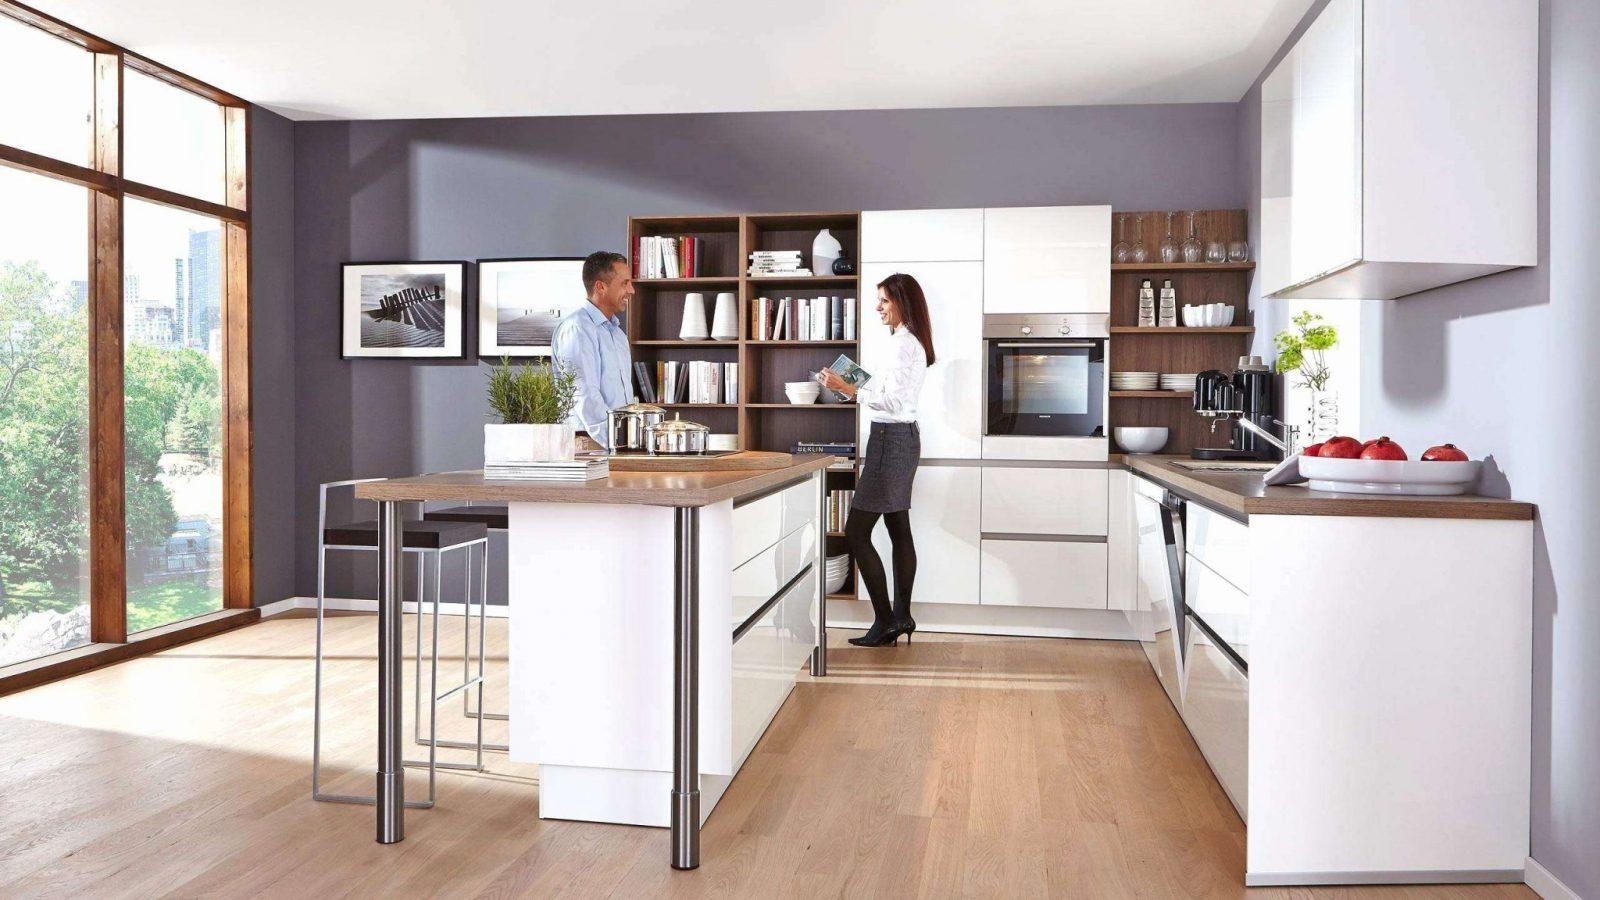 Küche Günstig Selber Machen Inspiration Von Sichtschutz Günstig von Günstige Wohnideen Zum Selber Machen Photo